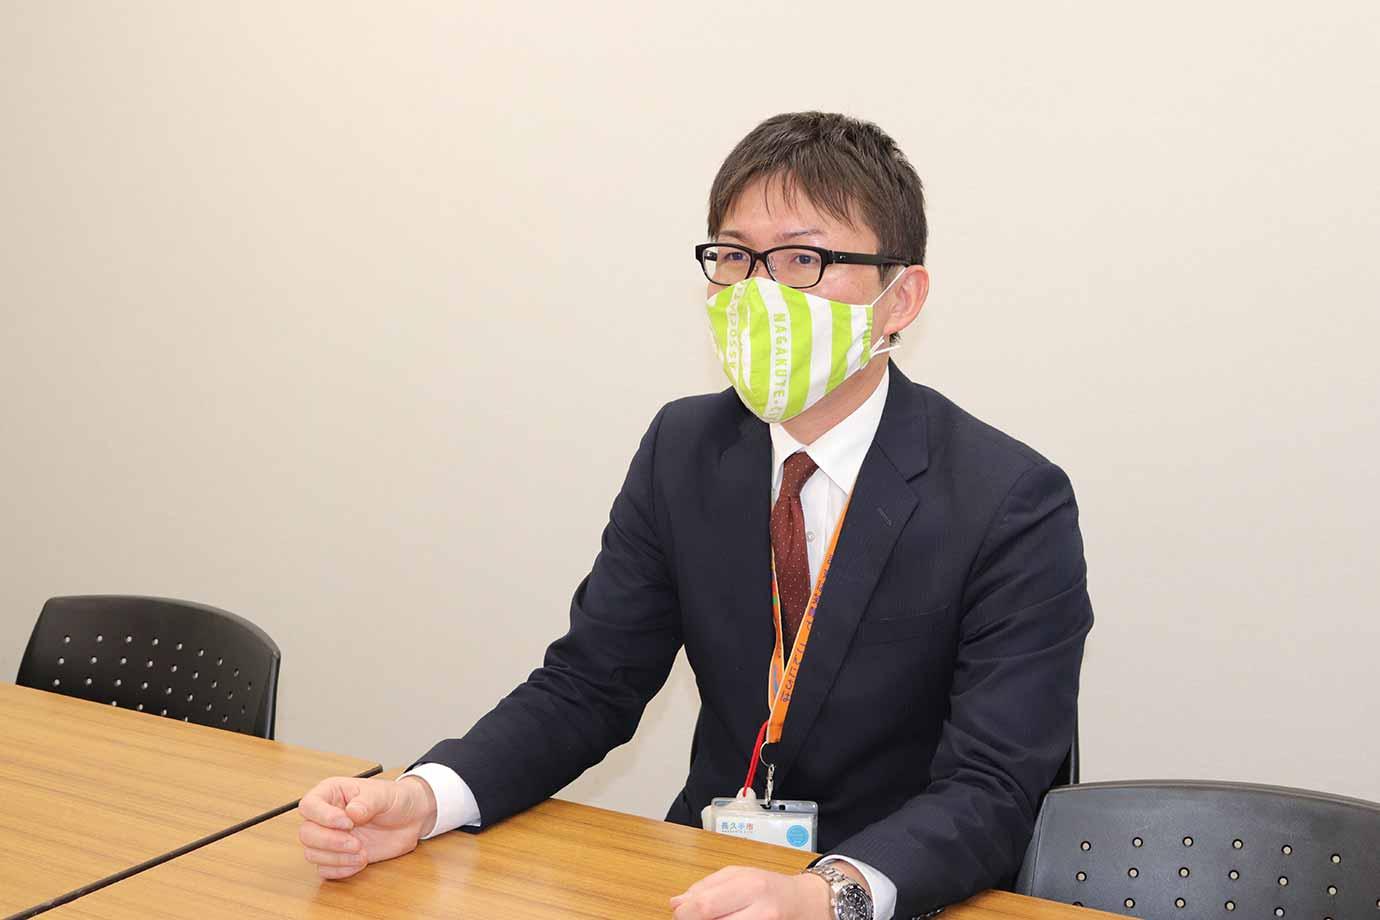 小学生の頃から長久手市に住んでいて、愛知県内の大学に進学した大久保さん。 長久手市役所へ入庁したのは2009年です